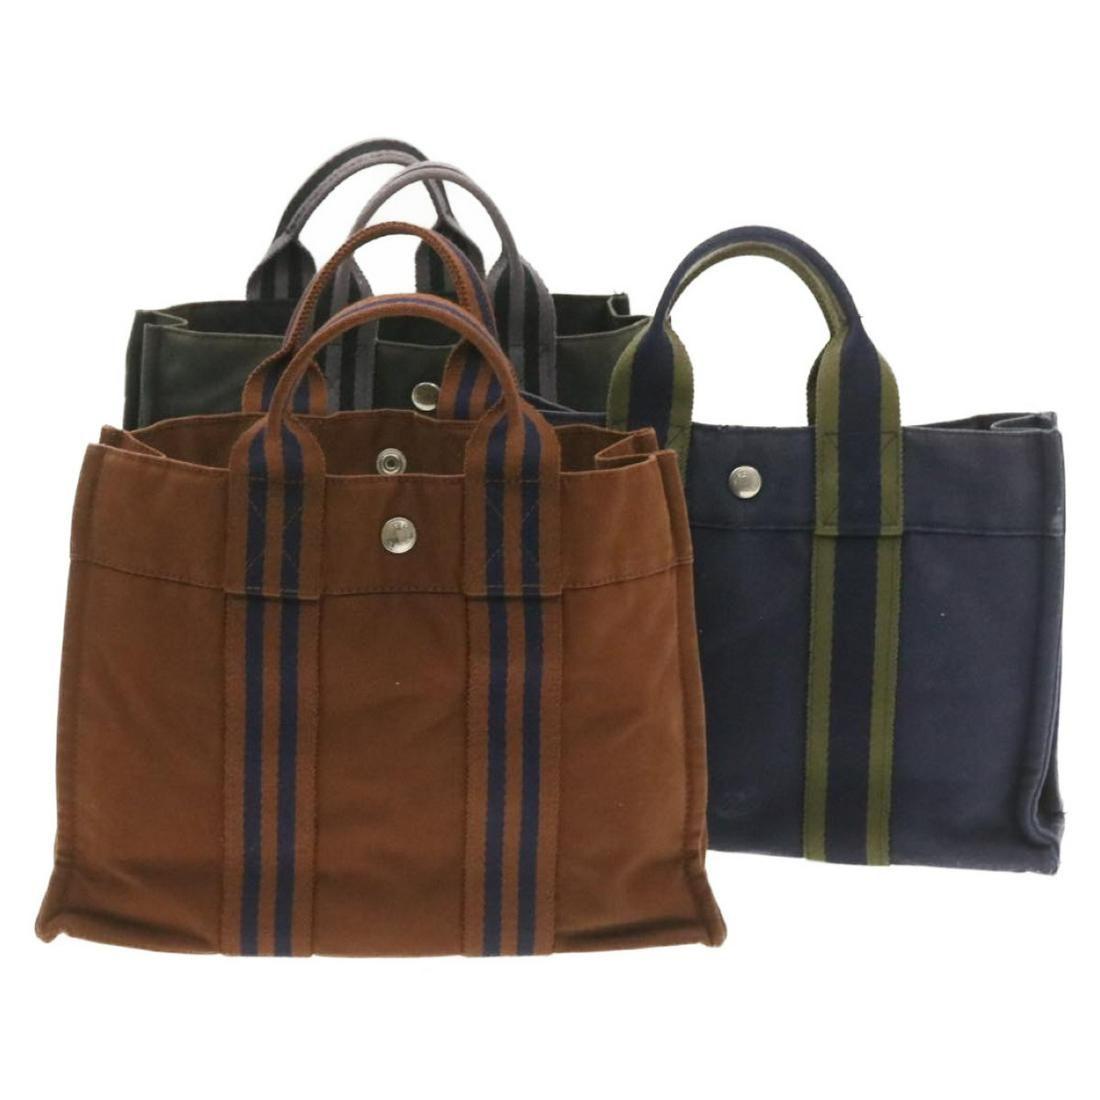 Authentic HERMES Cotton Hand Bag